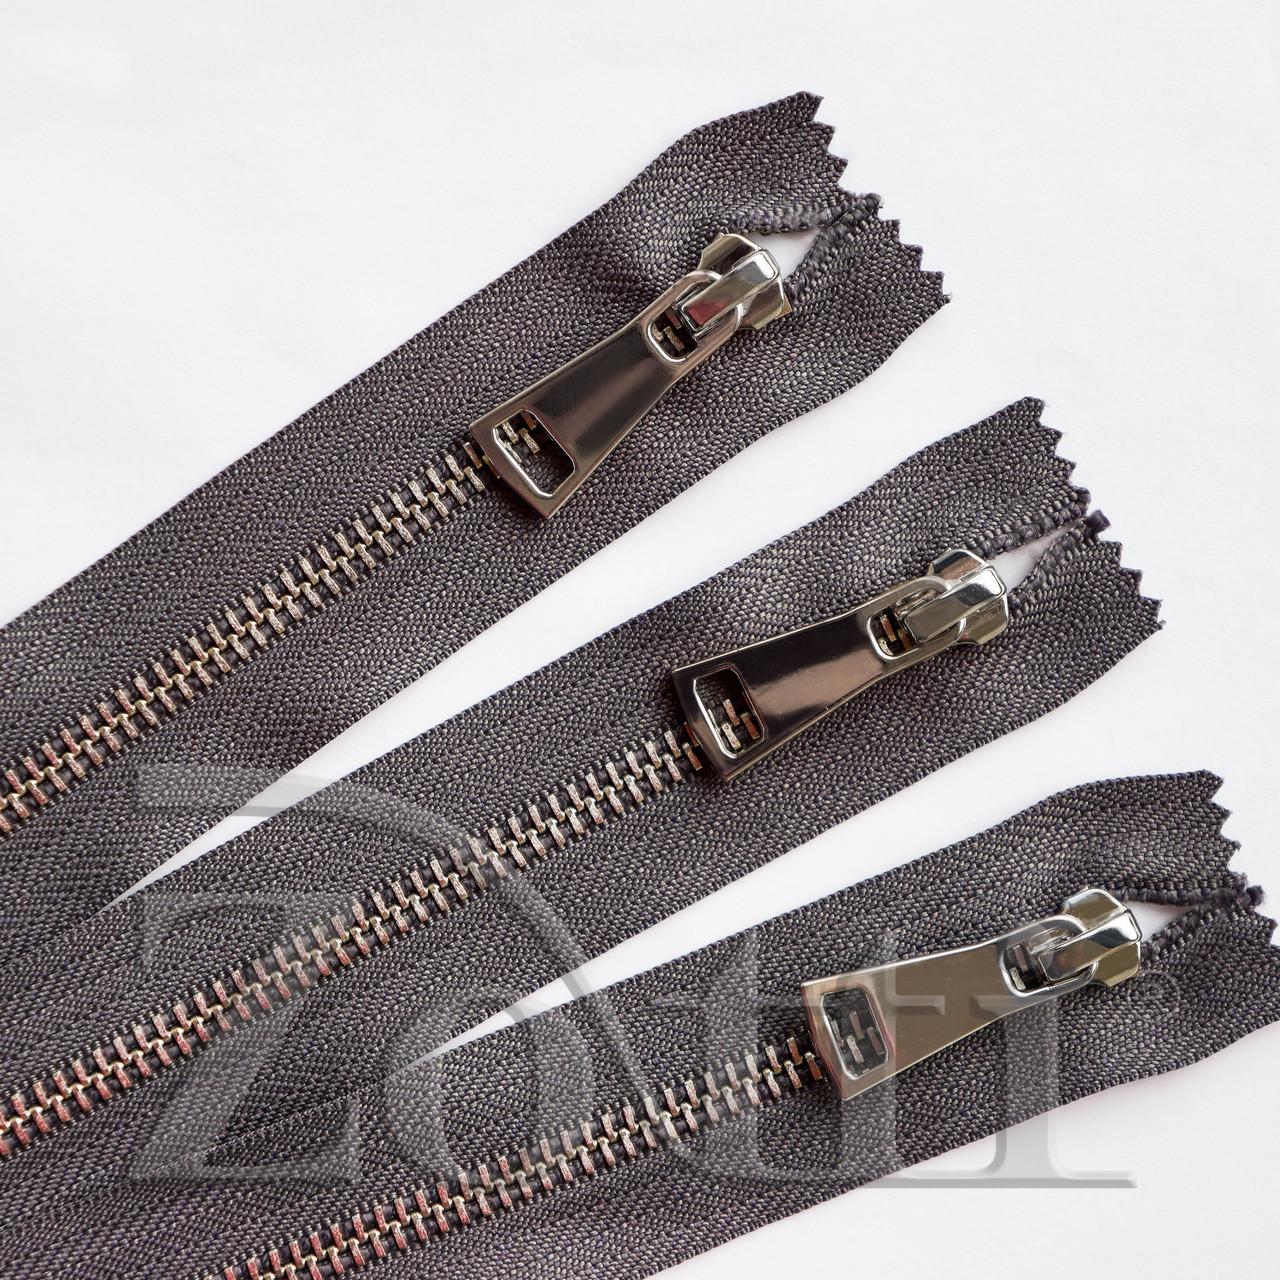 Молния (змейка,застежка) металлическая №5, размерная, обувная, серая, с серебряным бегунком № 115 - 12 см